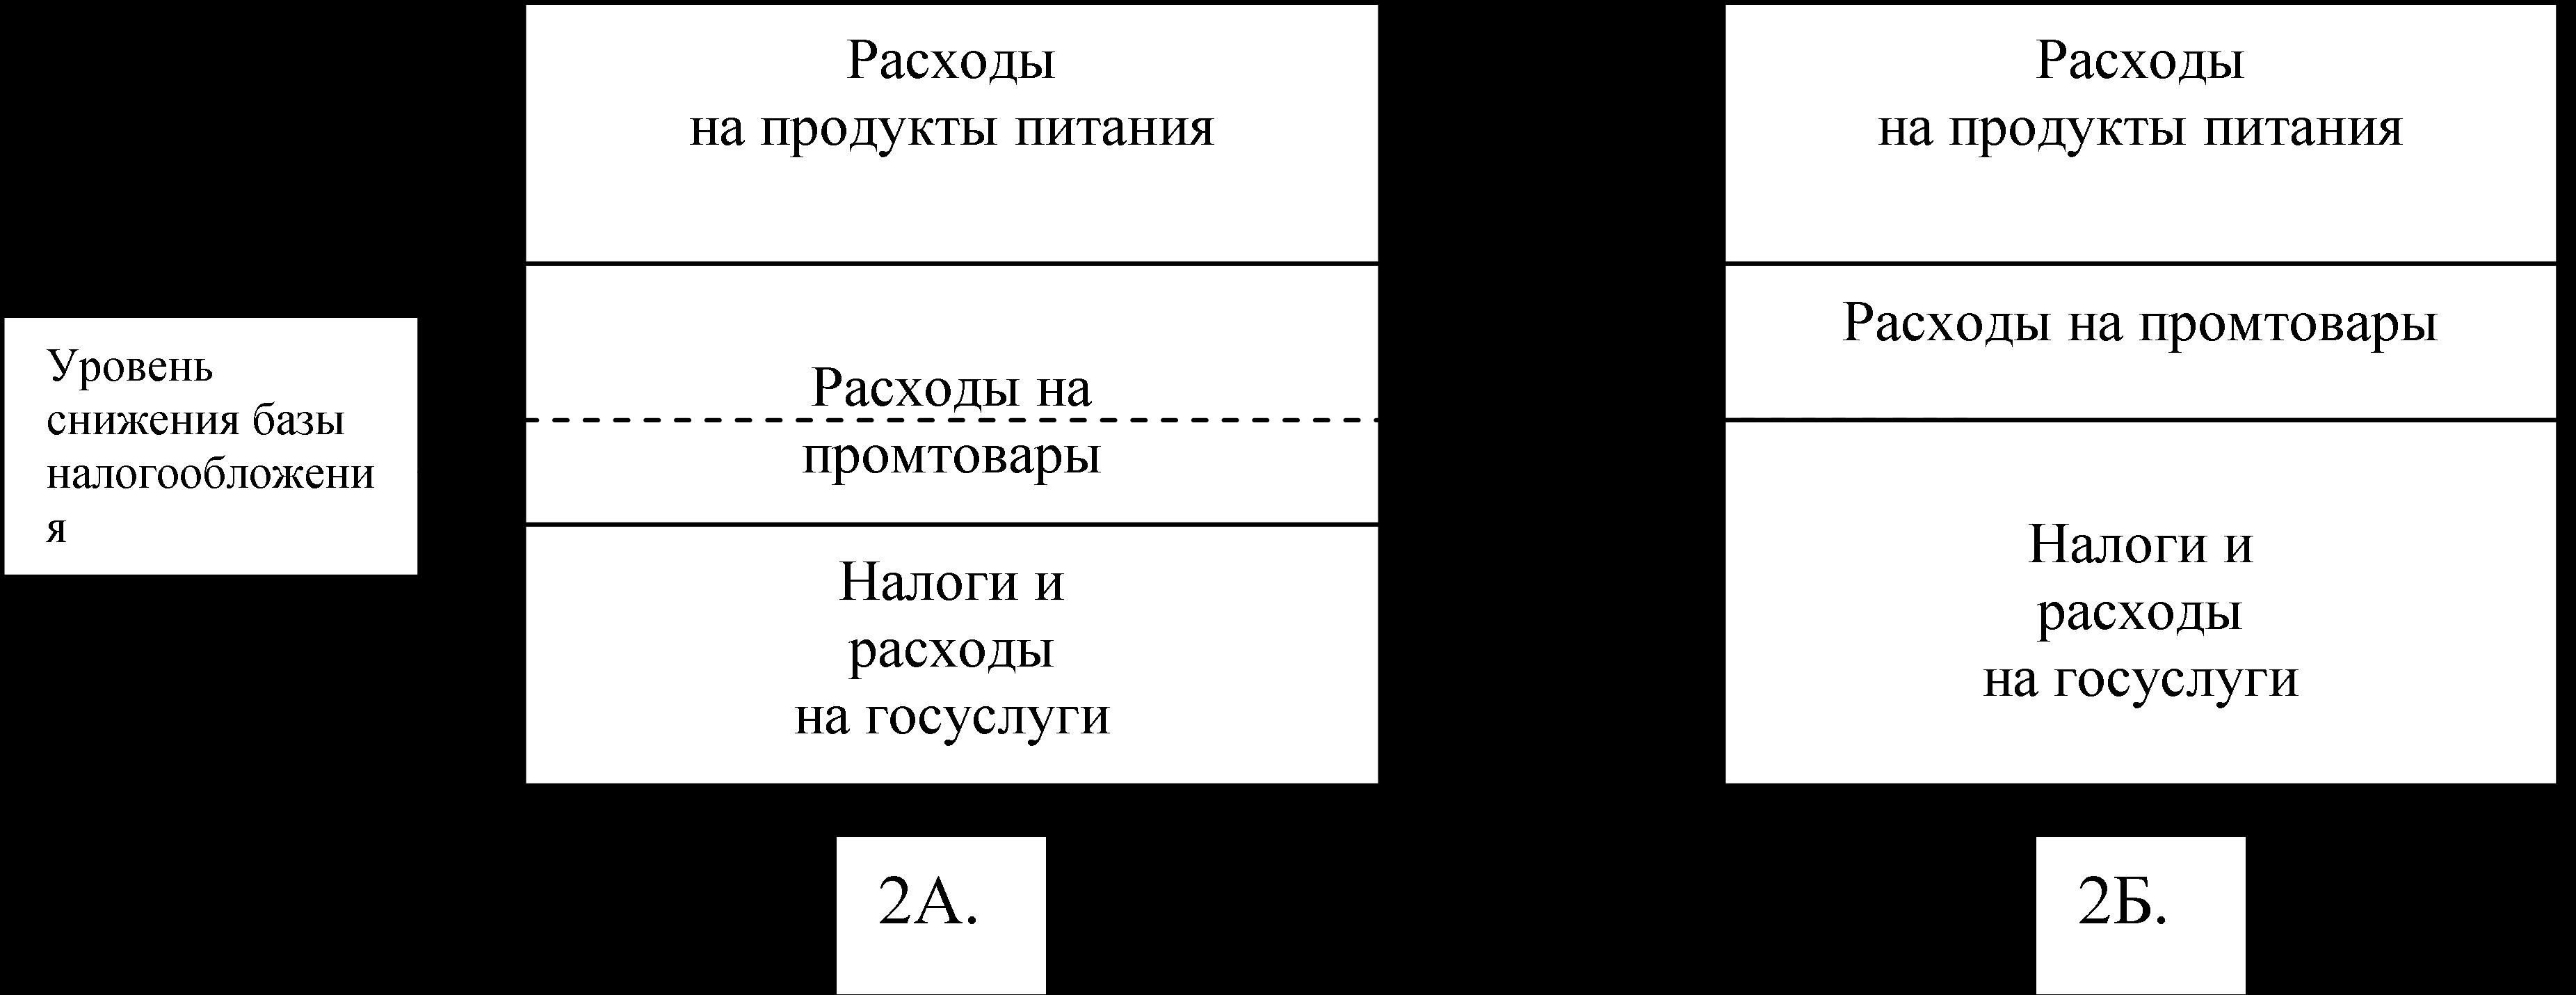 vasilat2